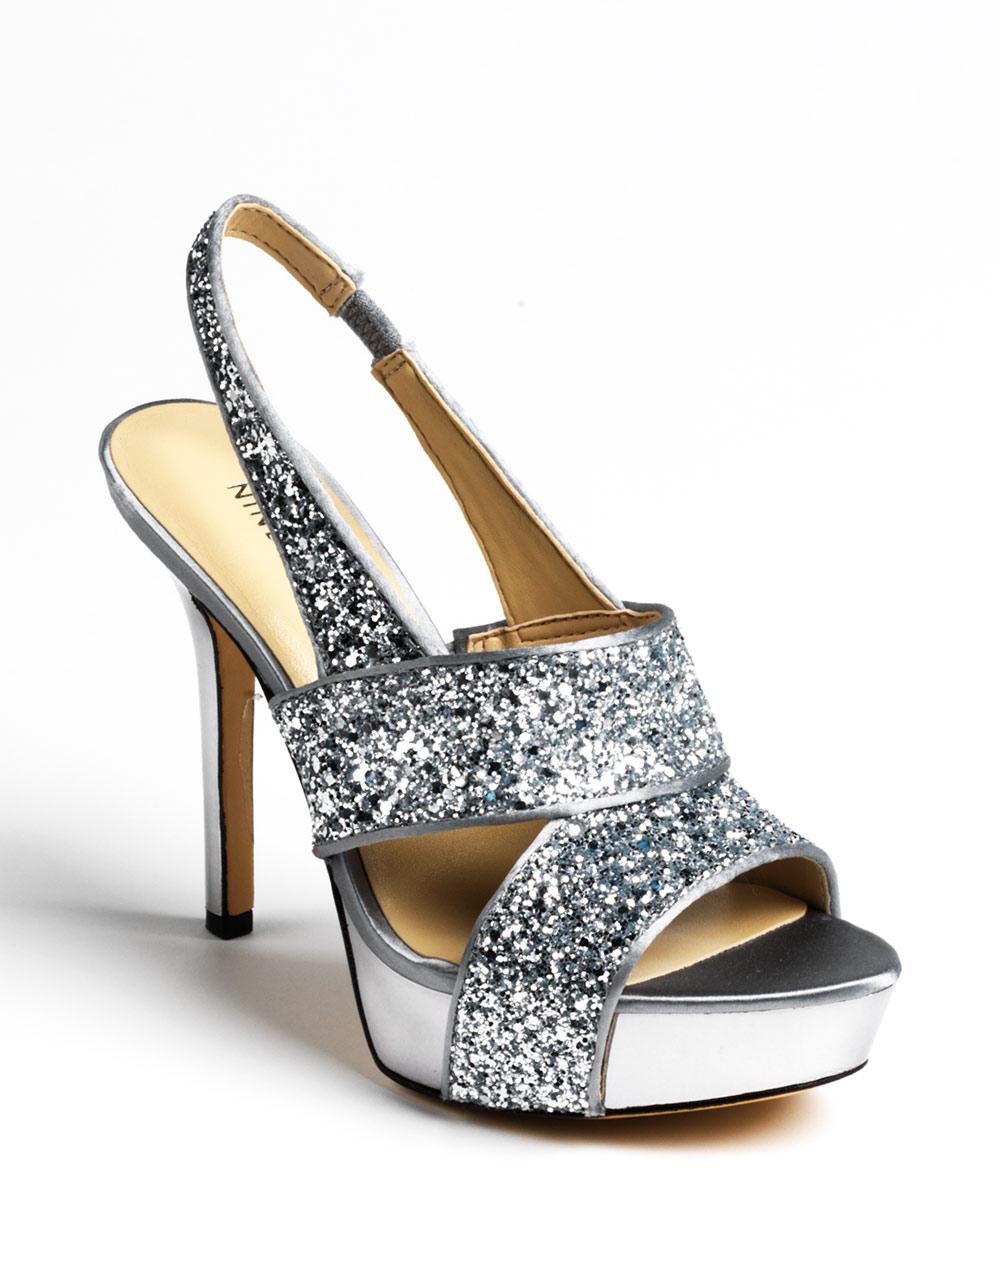 8b1b4340327 Nine West Fairgame Platform Sandals in Metallic - Lyst